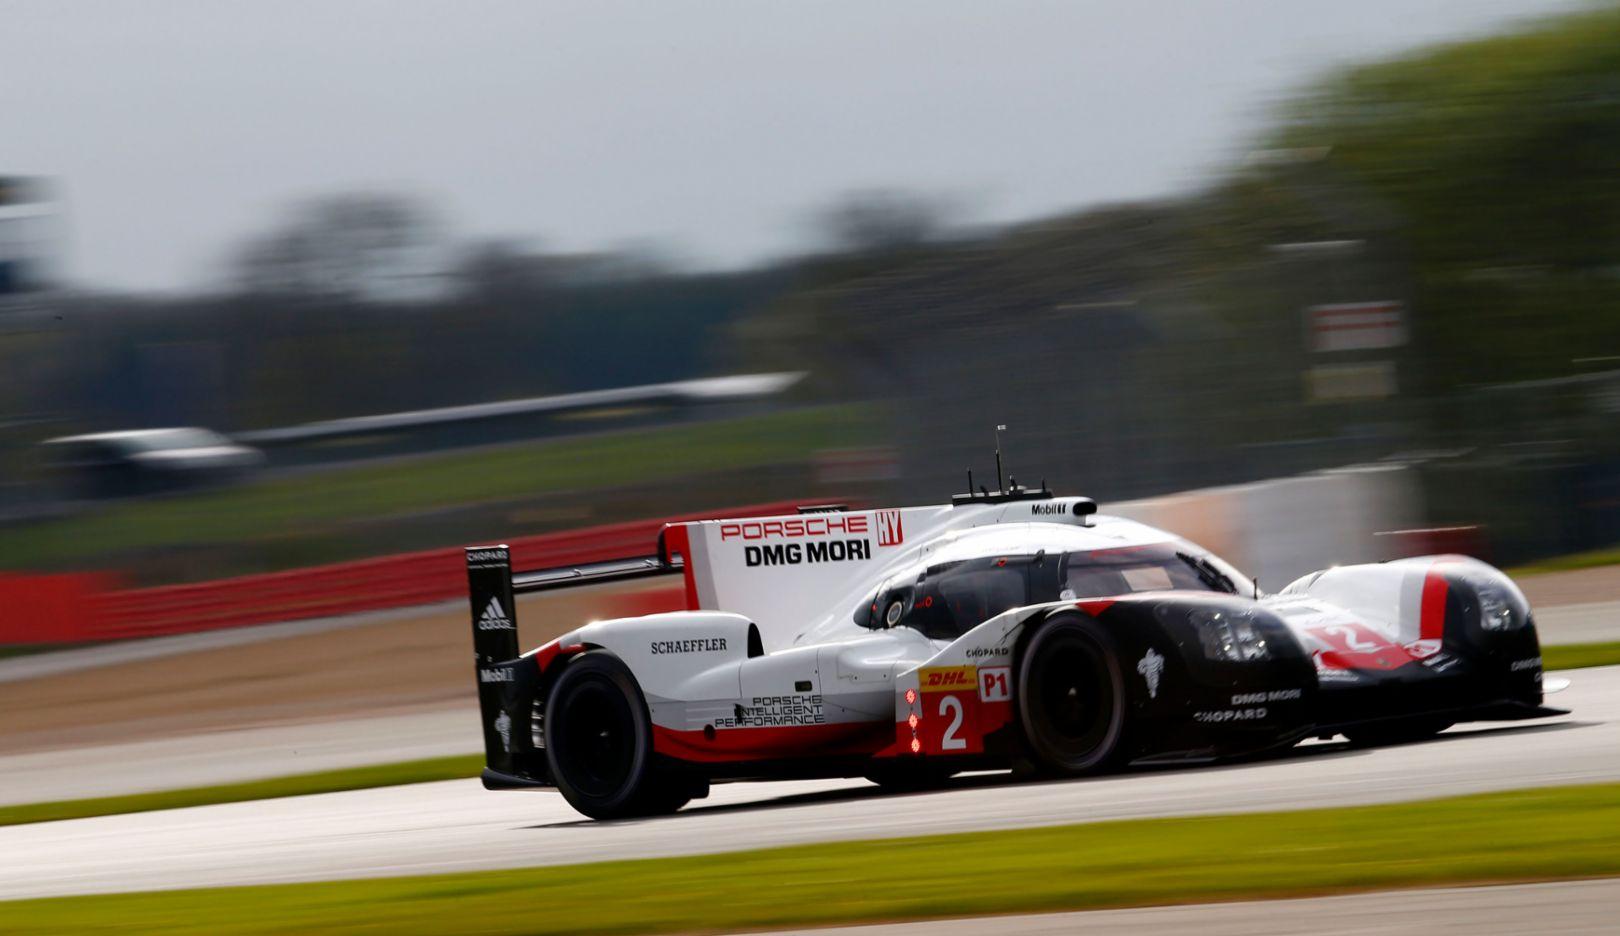 919 Hybrid, free practice, WEC, Silverstone, 2017, Porsche AG